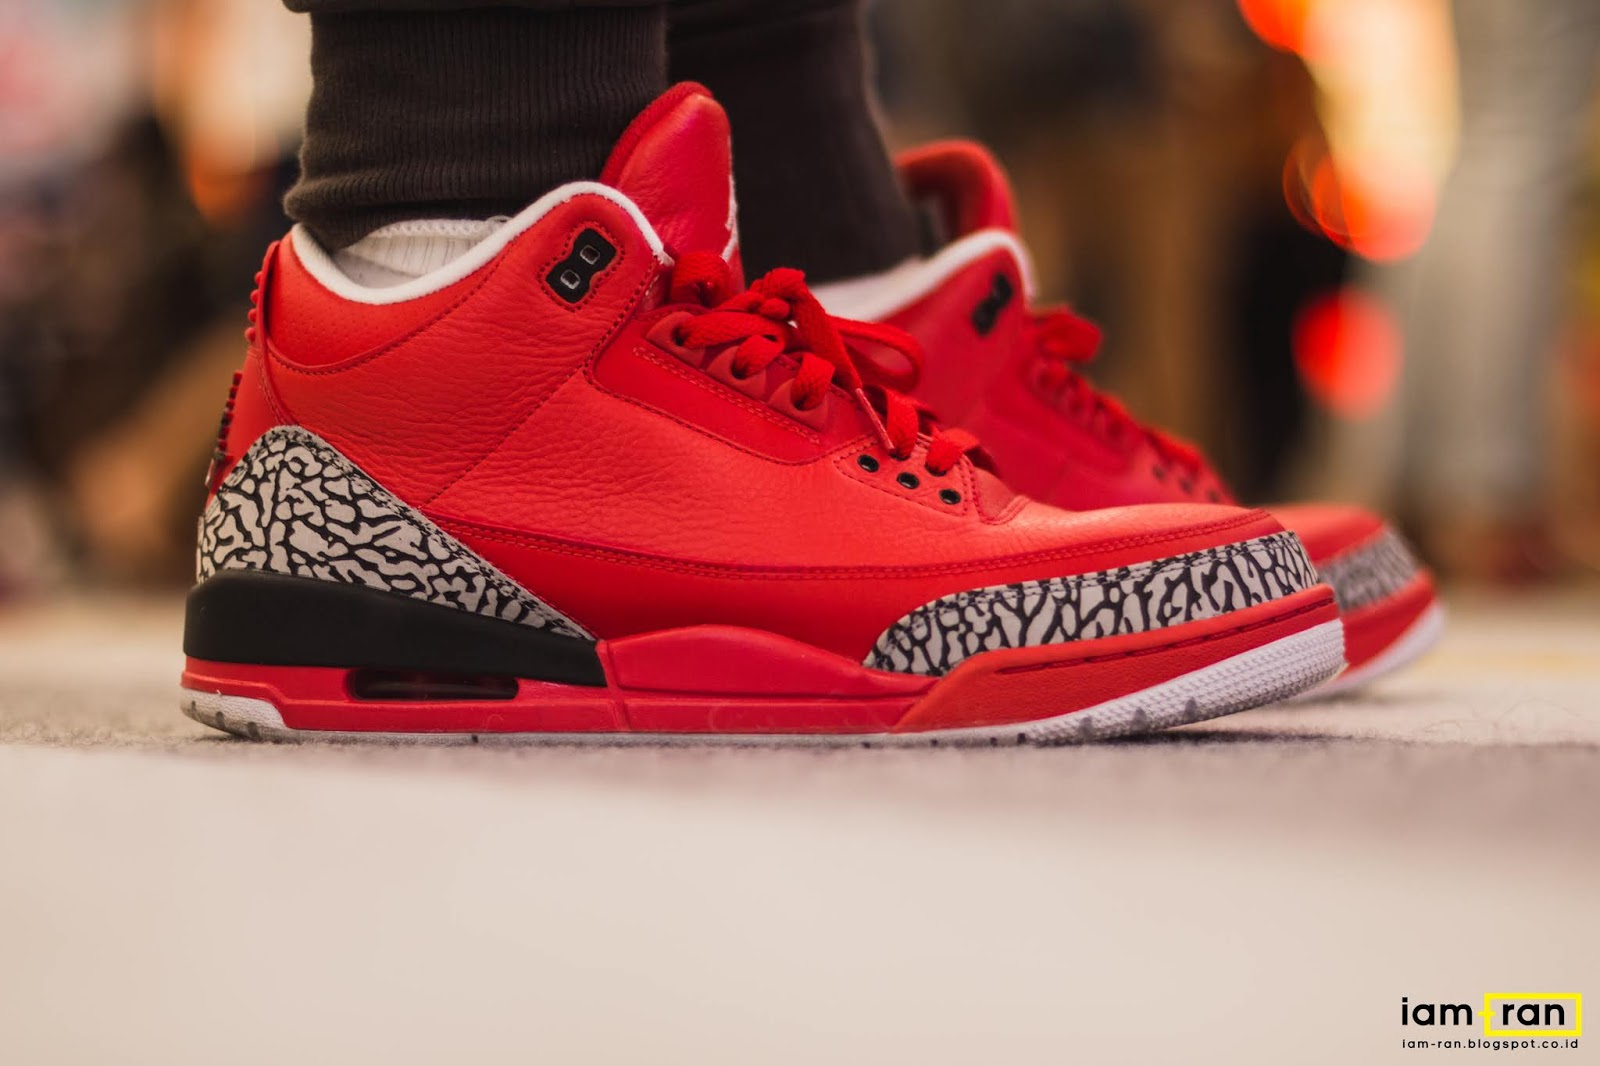 half off b0c5b 3a8a9 IAM-RAN: ON FEET : Winston - Nike Air Jordan 3 x Dj Khalid ...